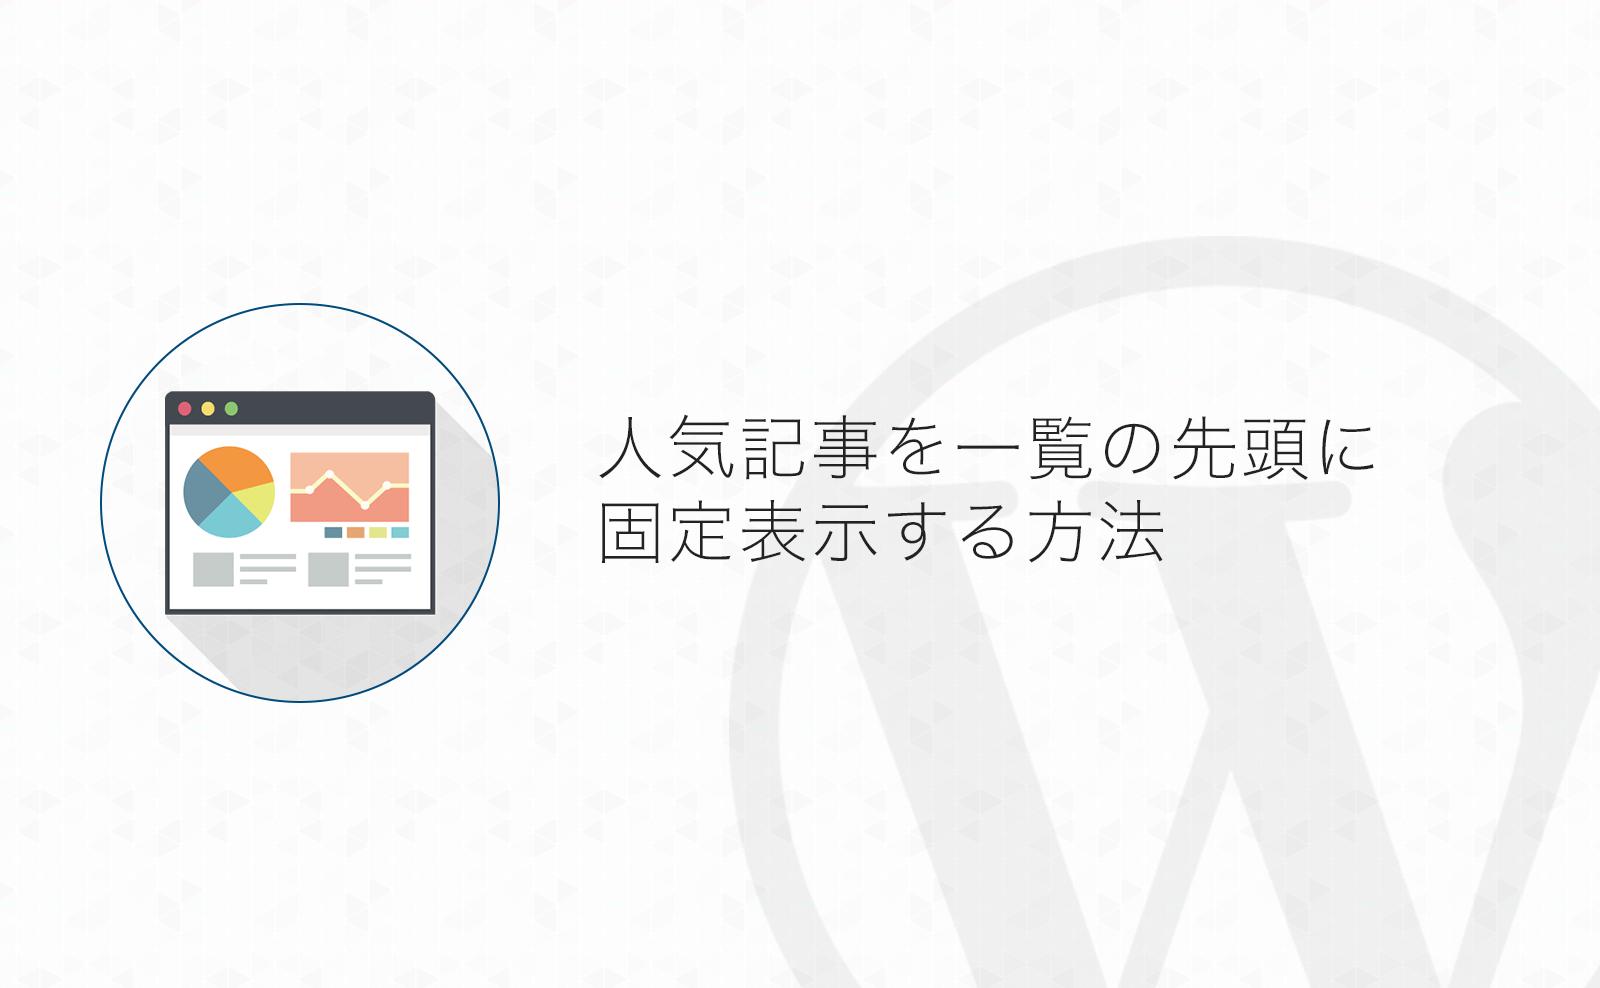 【WordPress】意外と知らない!?プラグイン無しで投稿を常にTOPページに表示する方法